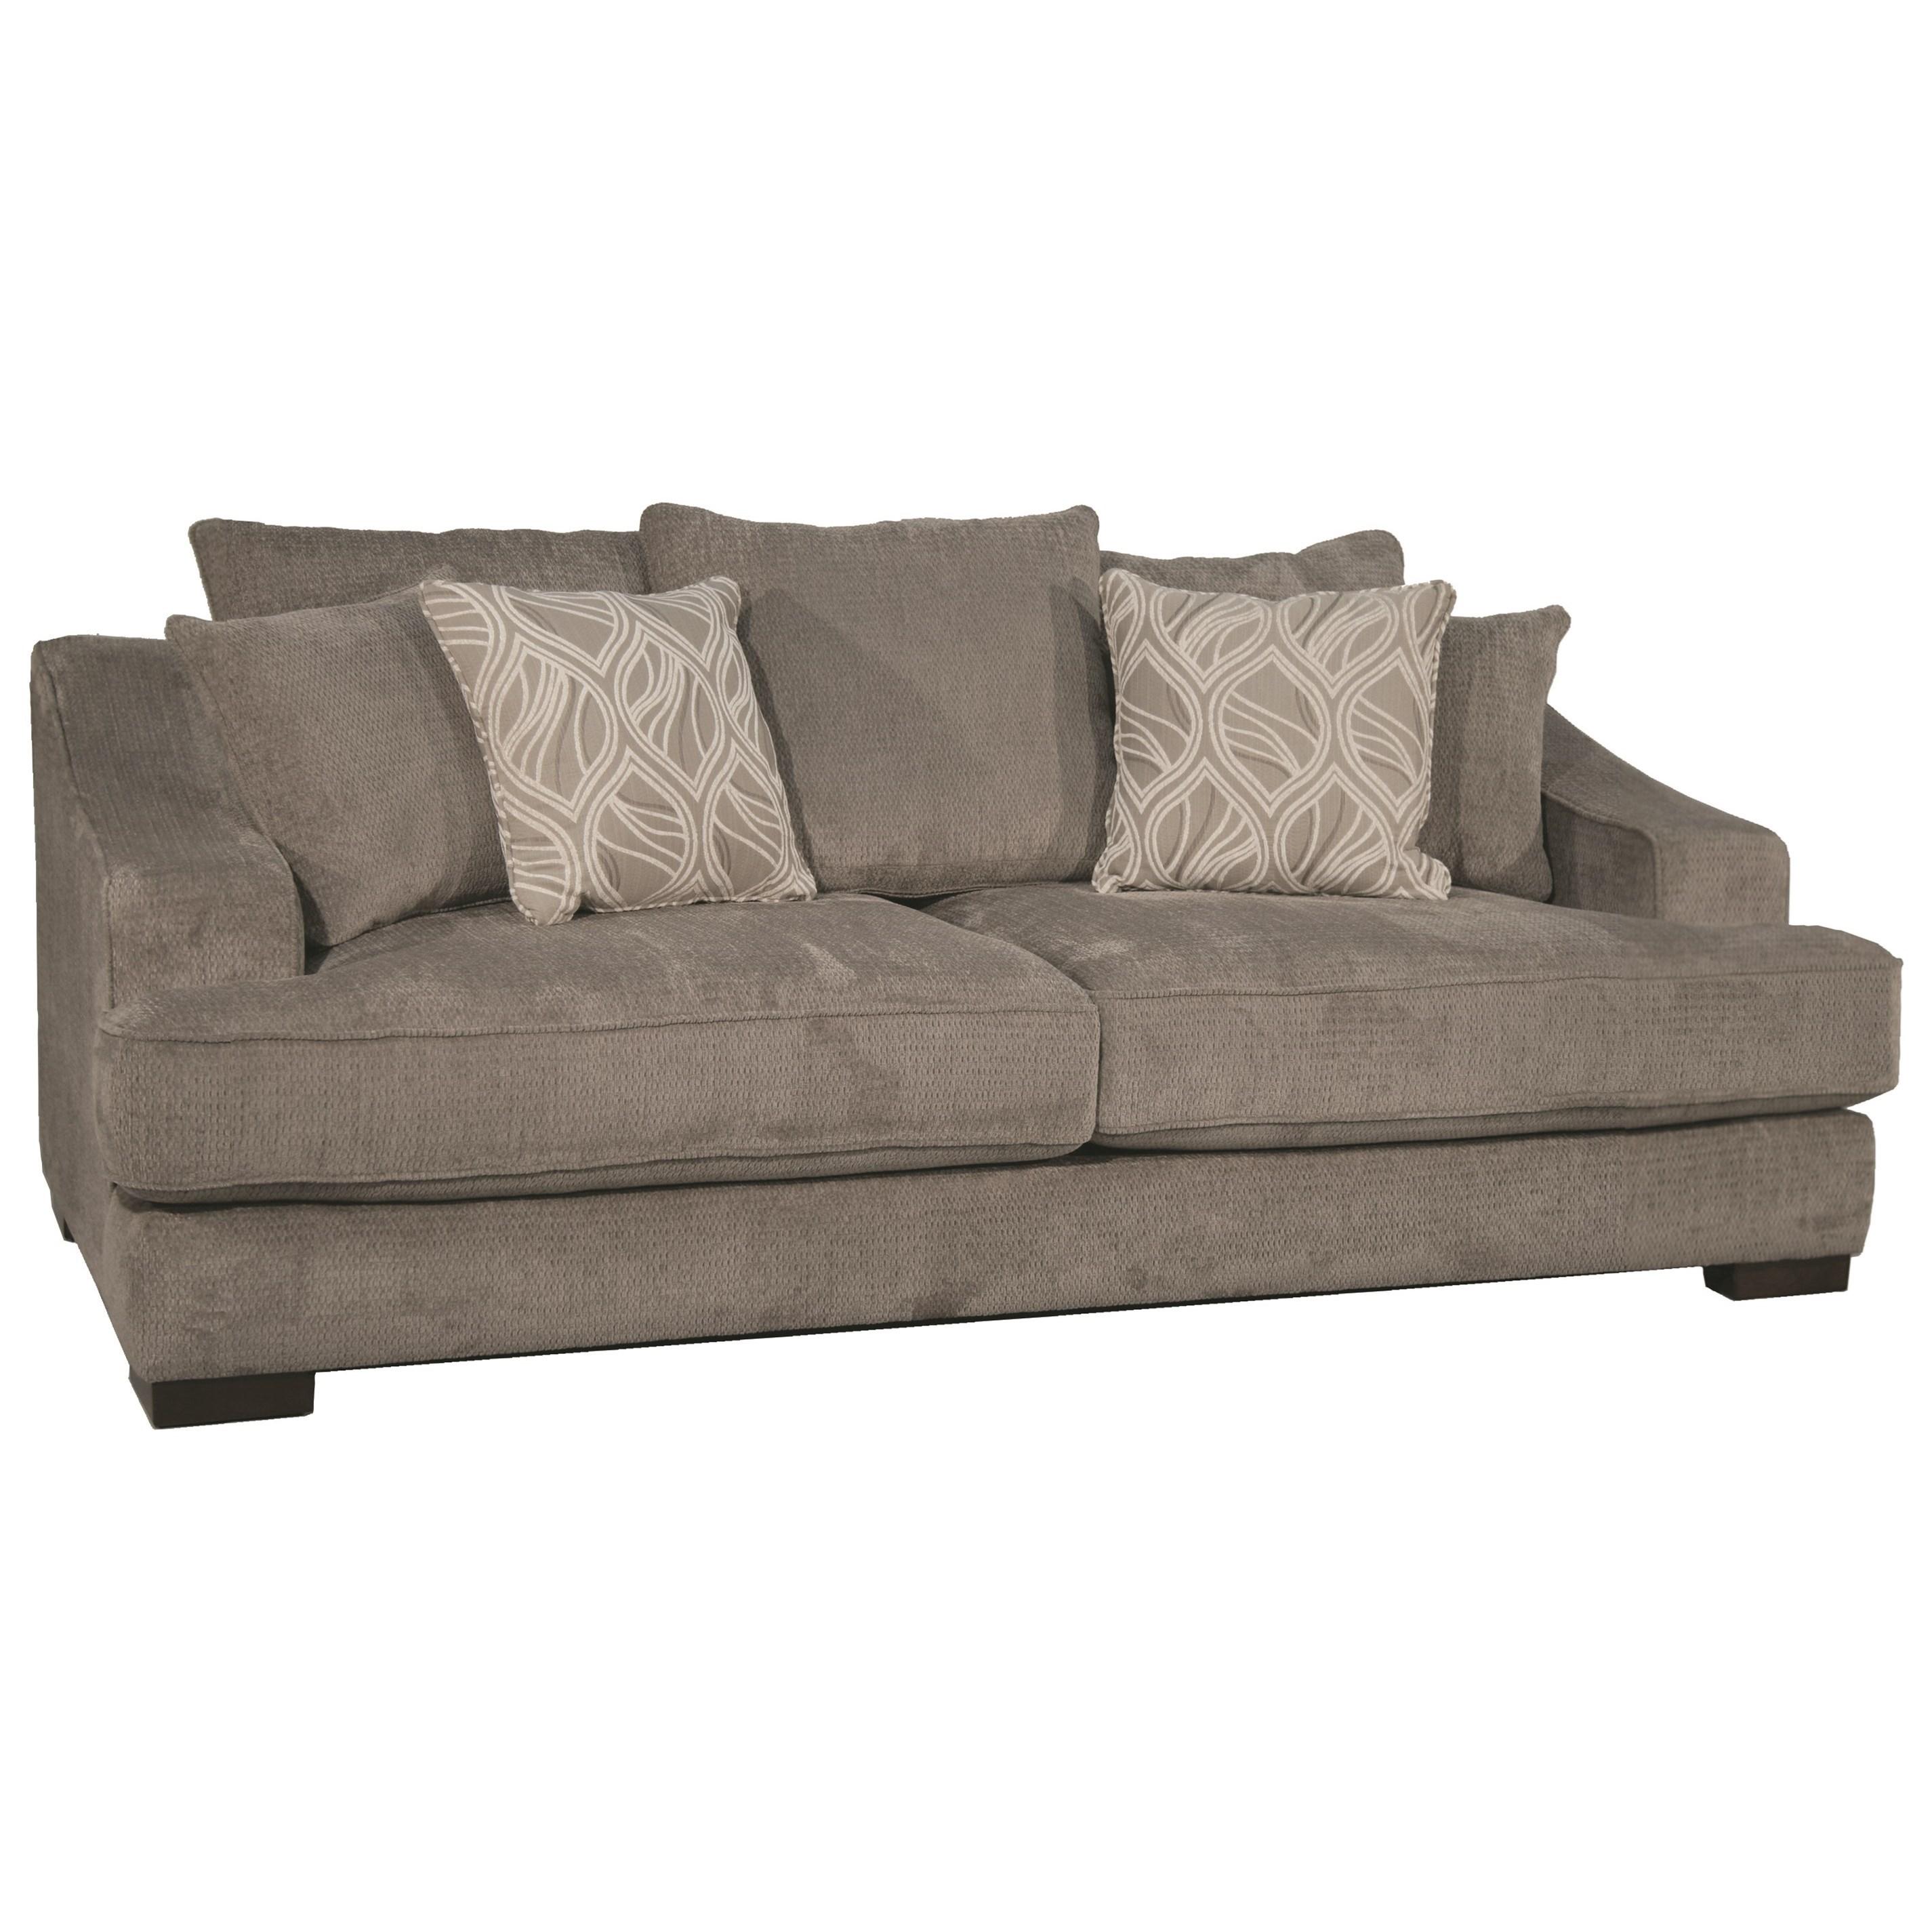 extra deep sofa canada dining room images what do you call the super sofas thesofa